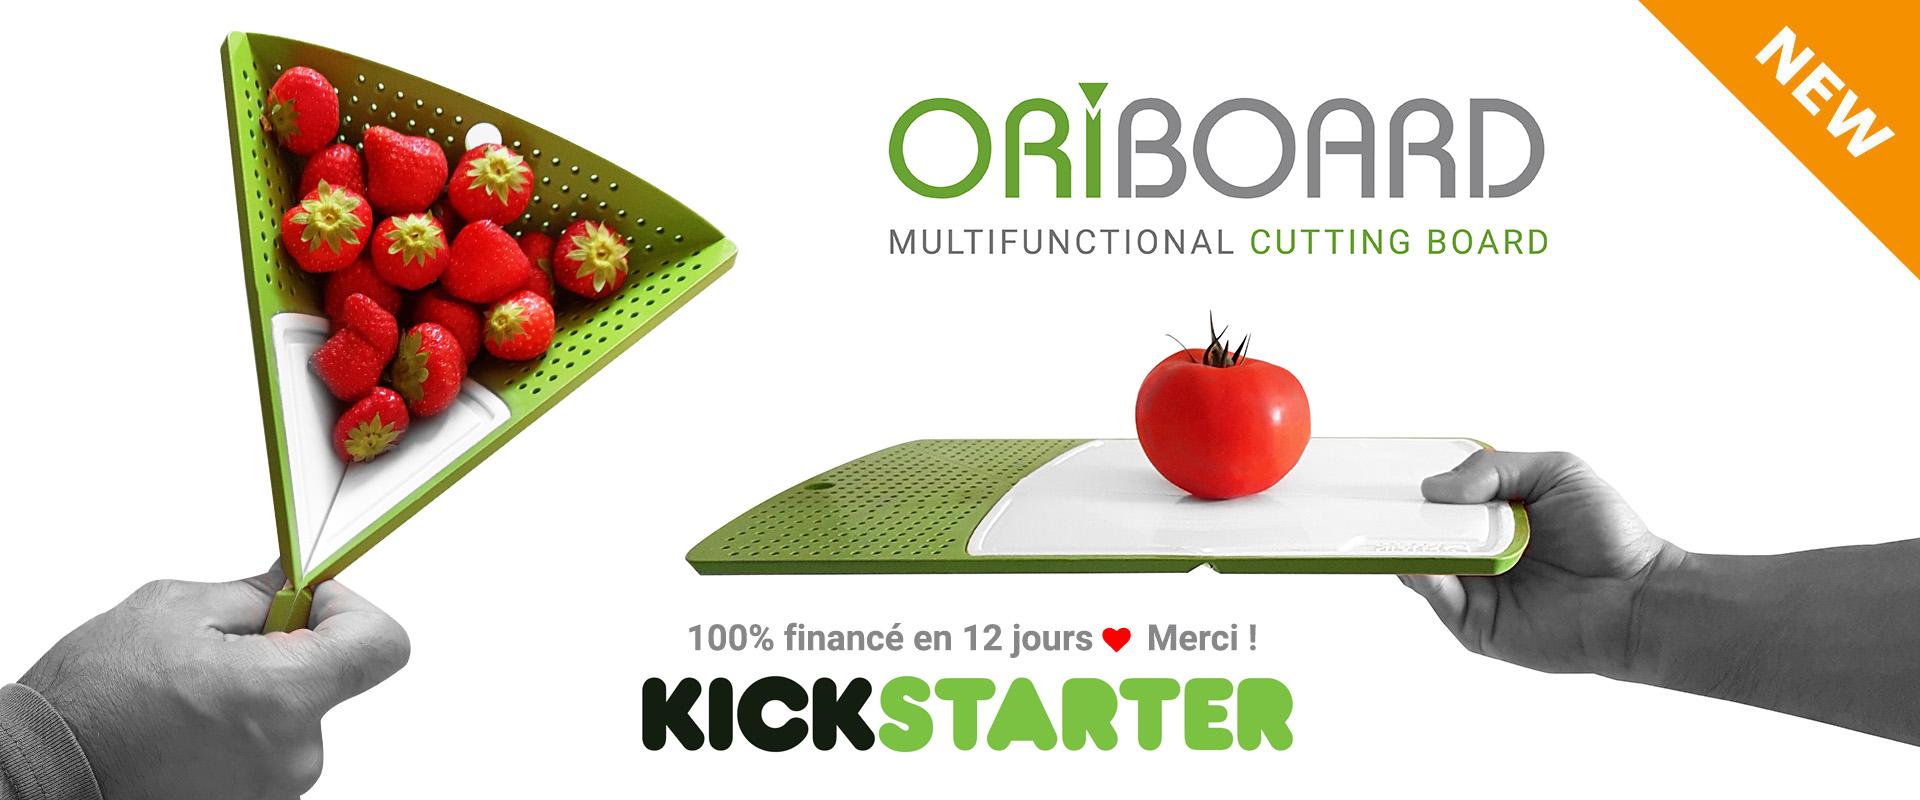 Oriboard Yannick HESCH Kickstarter